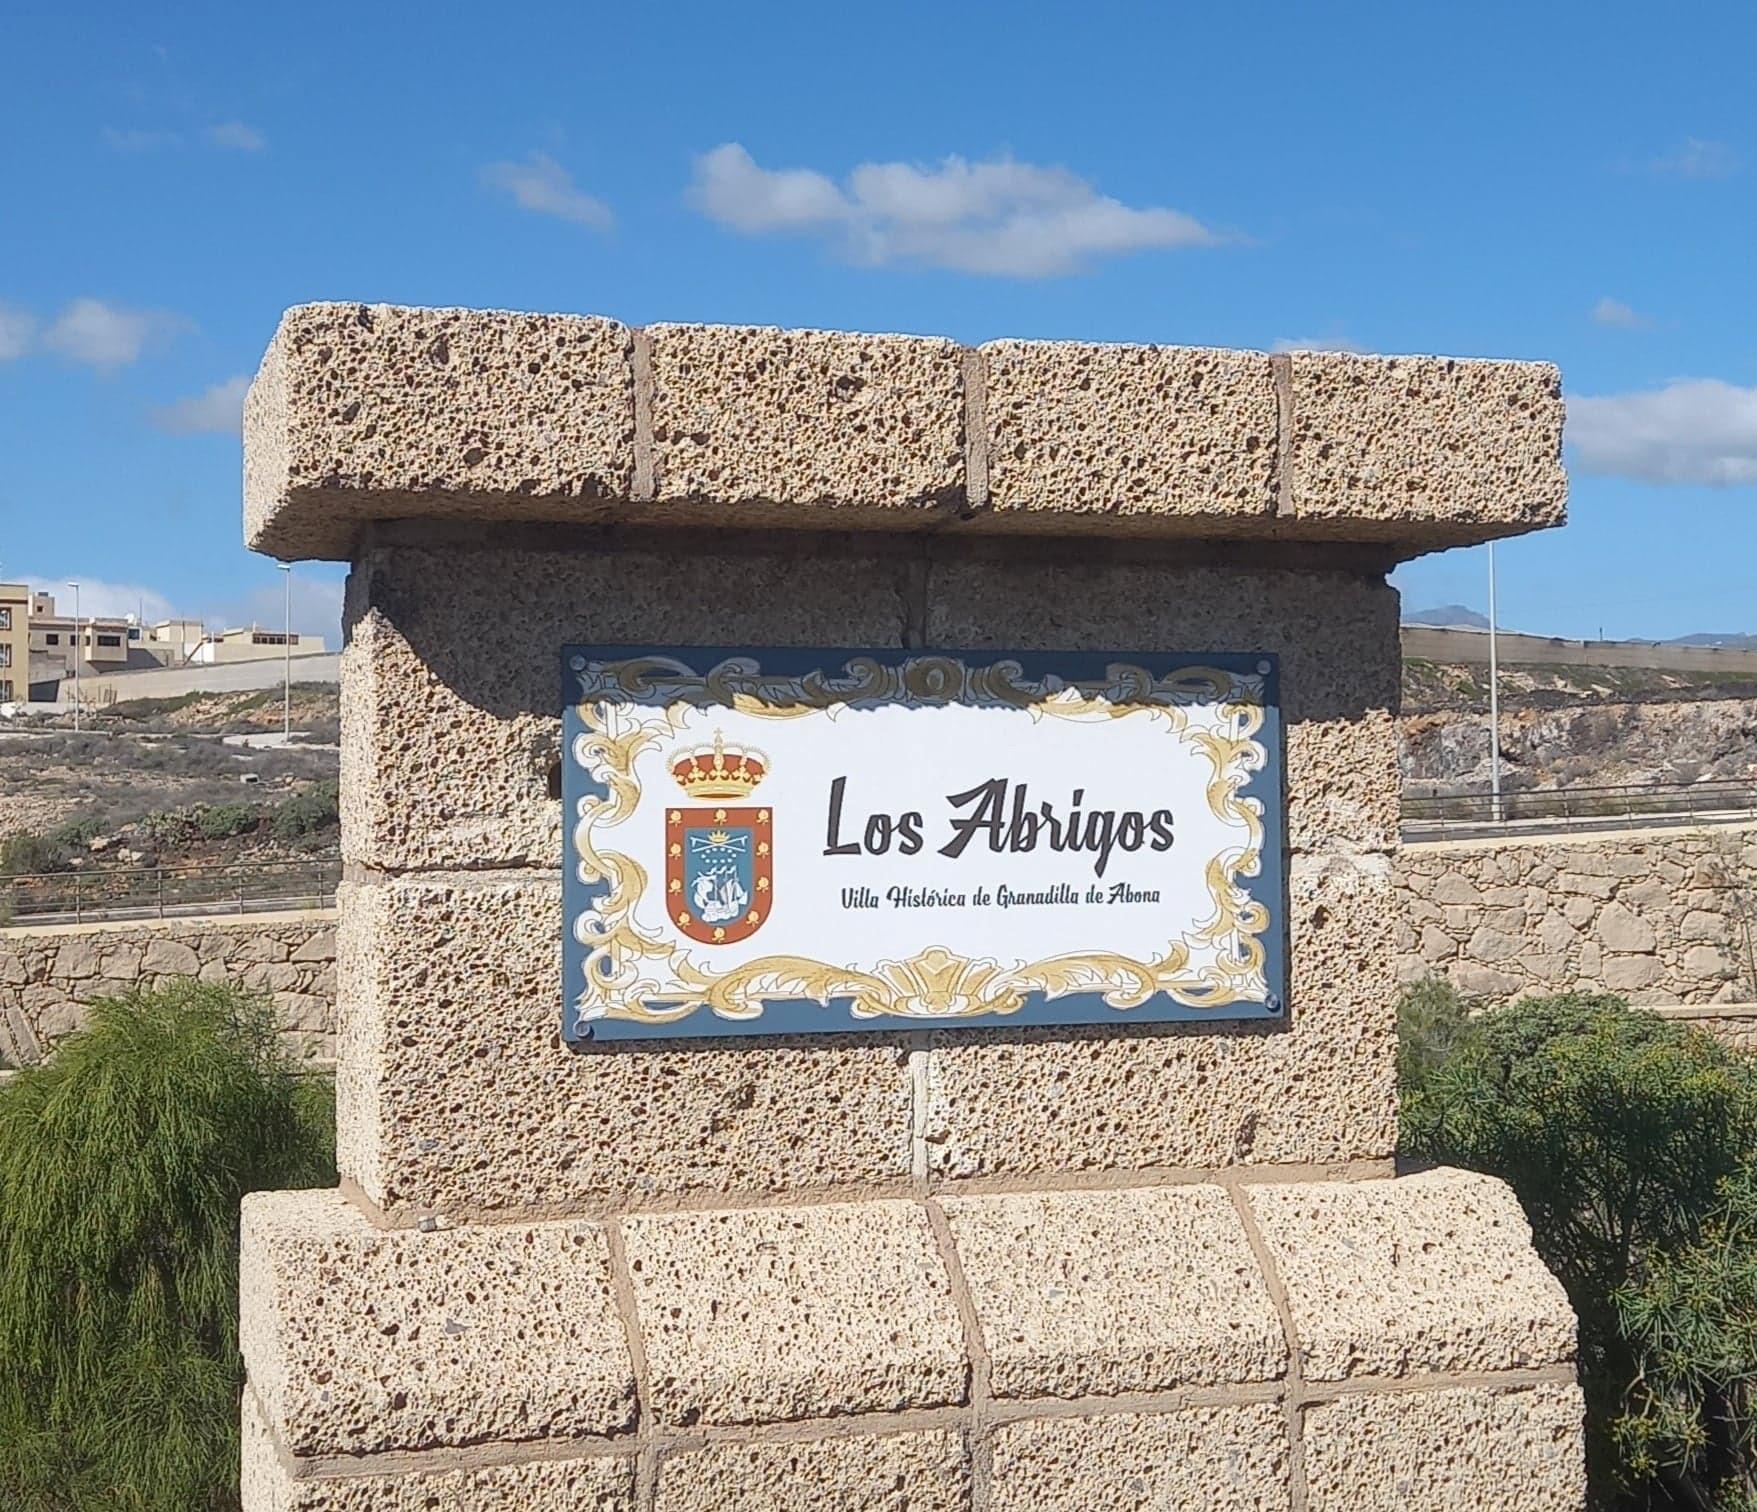 Naar mijn buurdorpje, Los Abrigos!